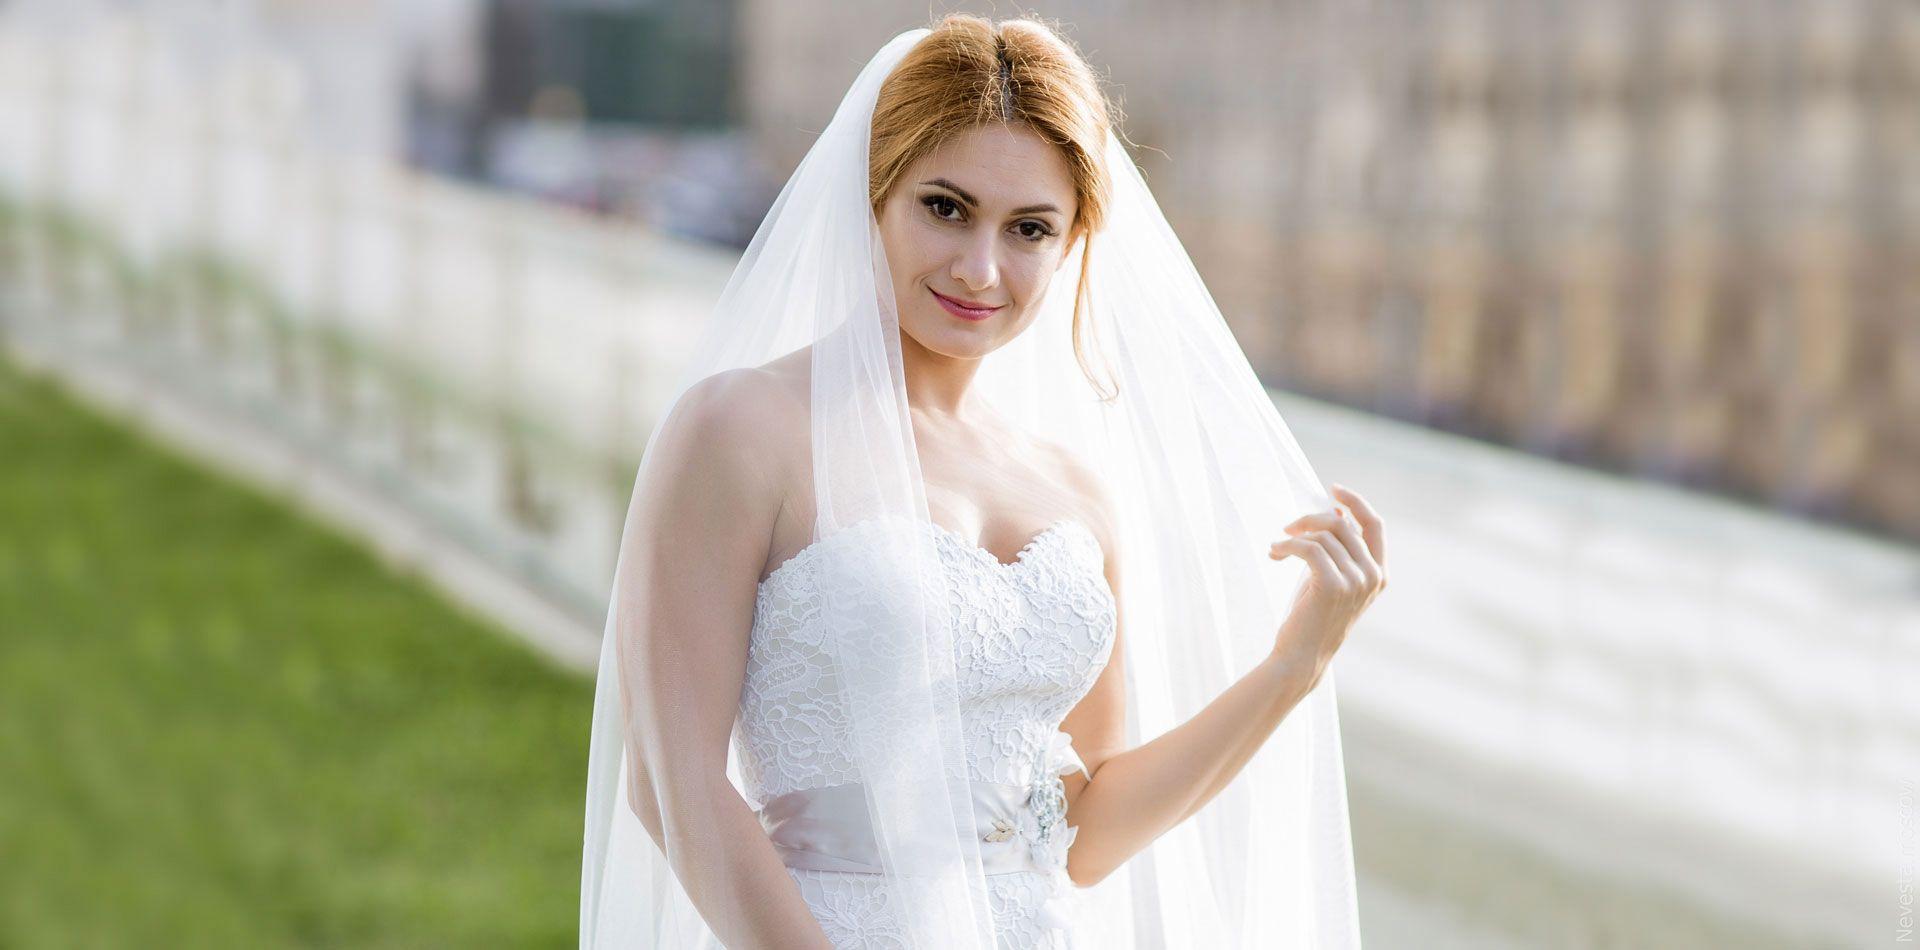 Карина Мишулина выбирает свадебное платье, фото 1